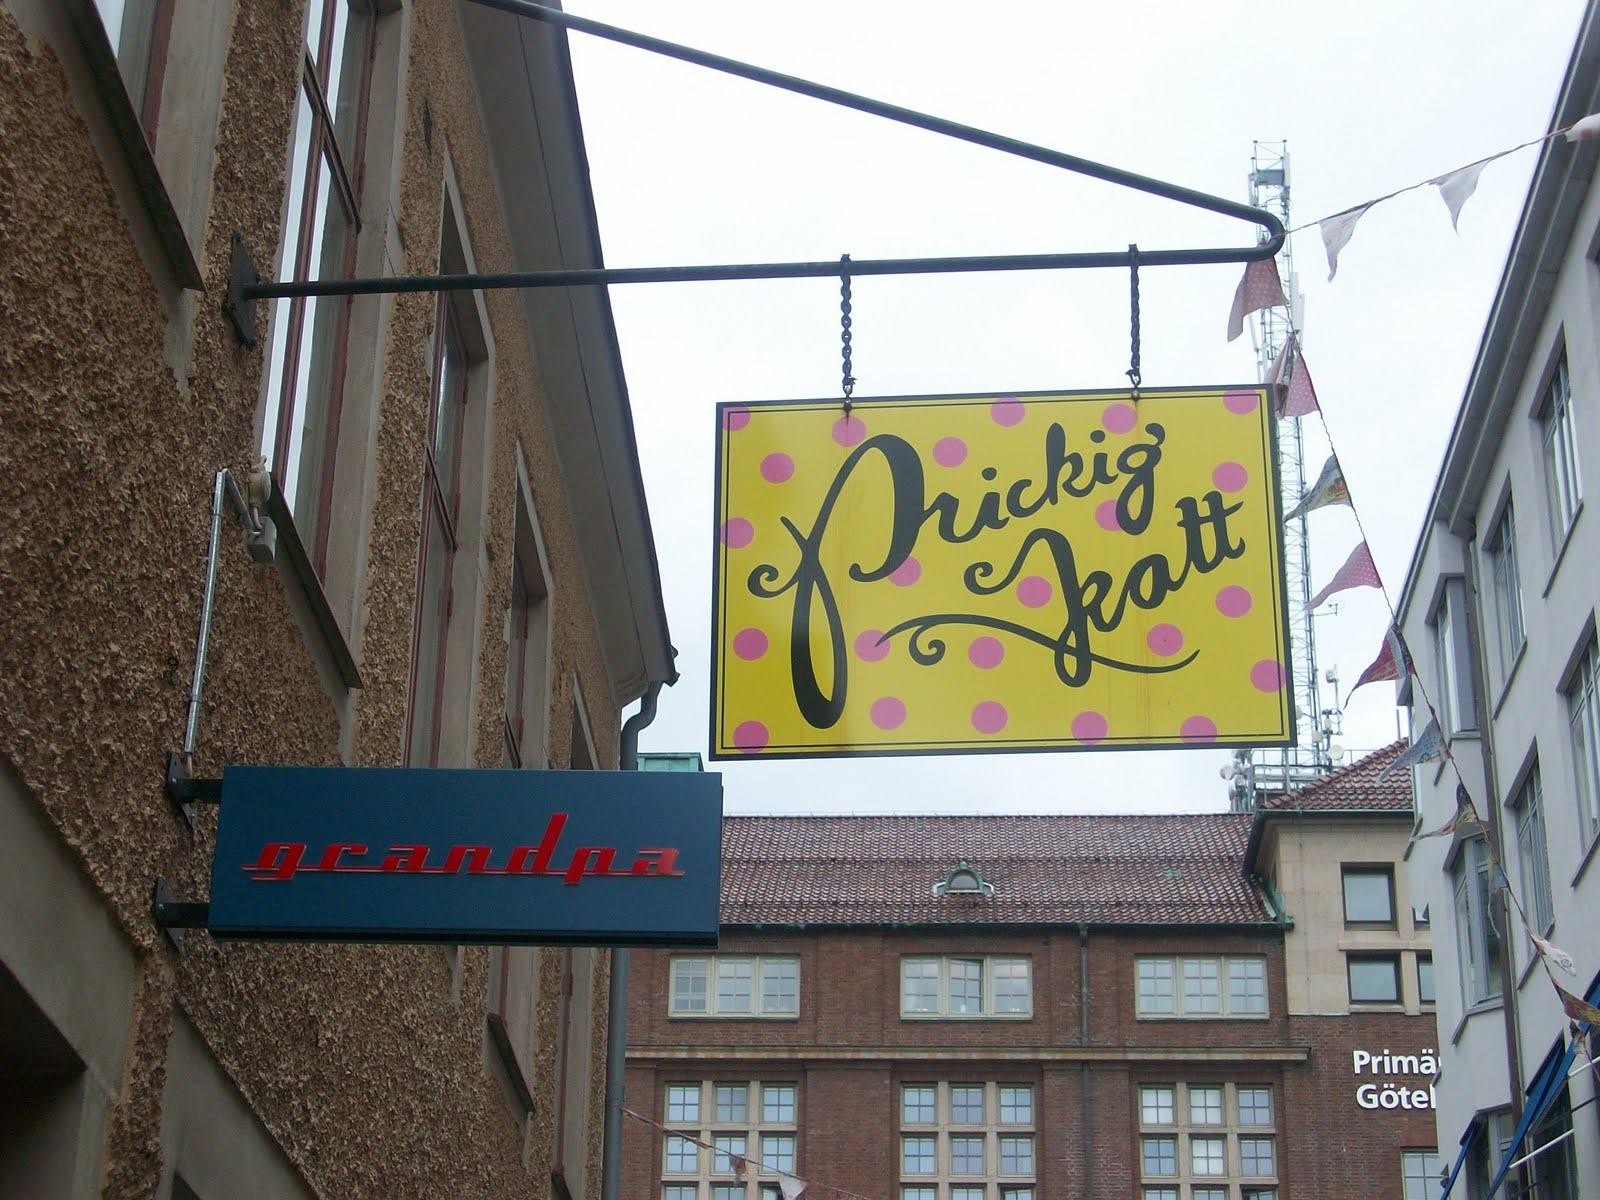 Porslin och nostalgi: maj 2010